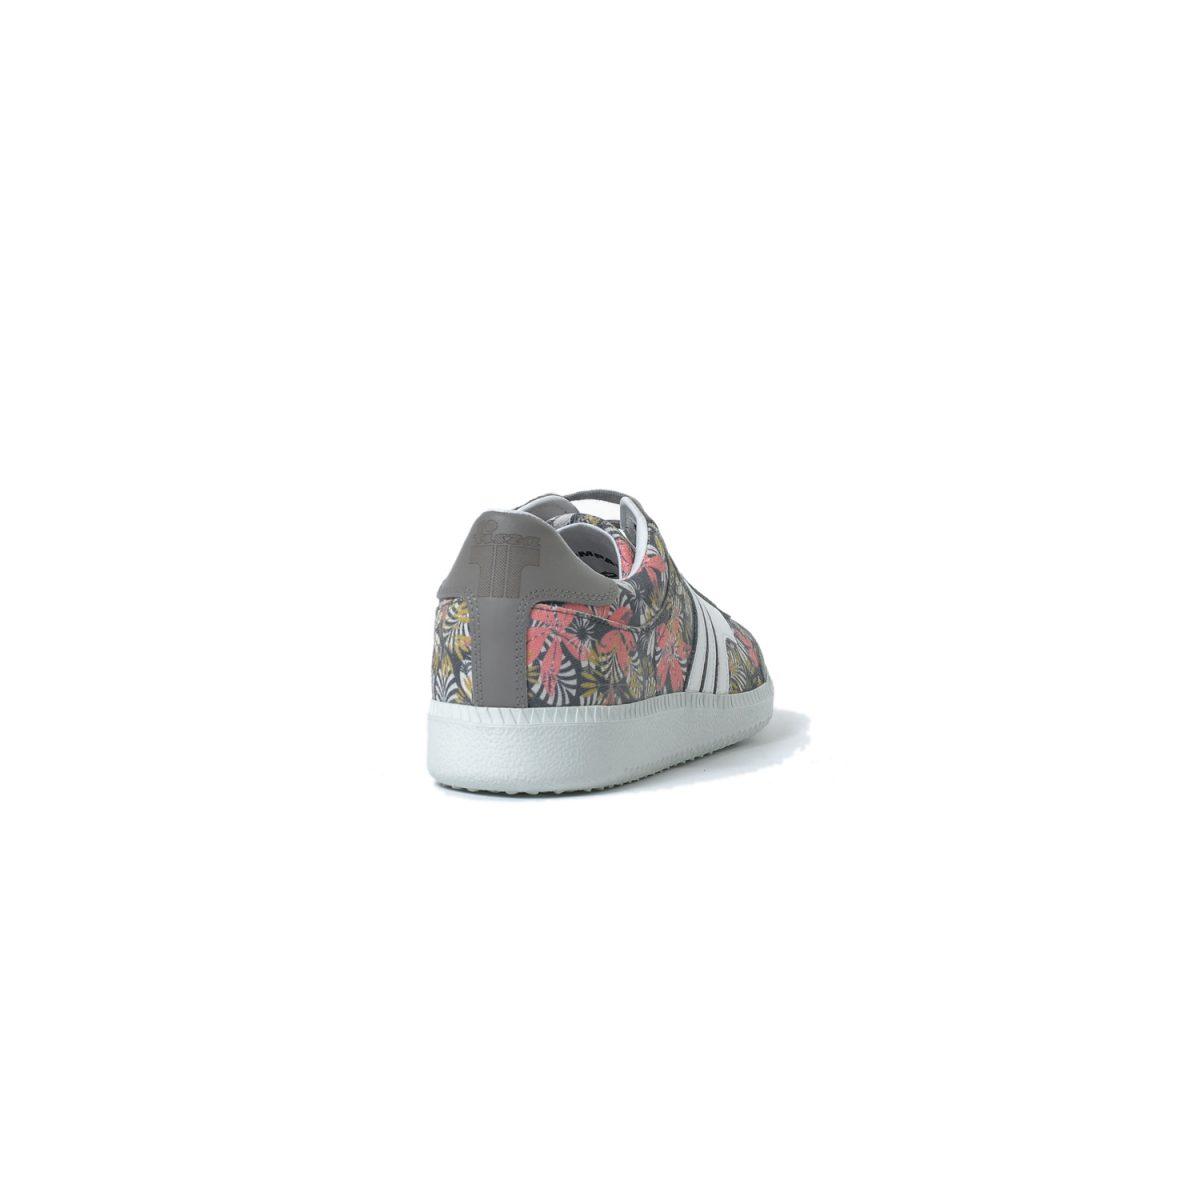 Tisza shoes - Compakt - Flower